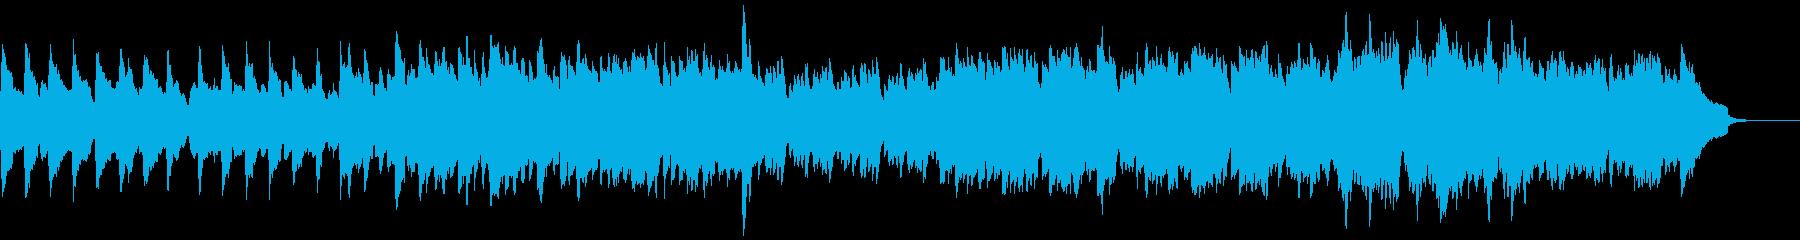 【リズム抜】自然をイメージしたのびやかなの再生済みの波形